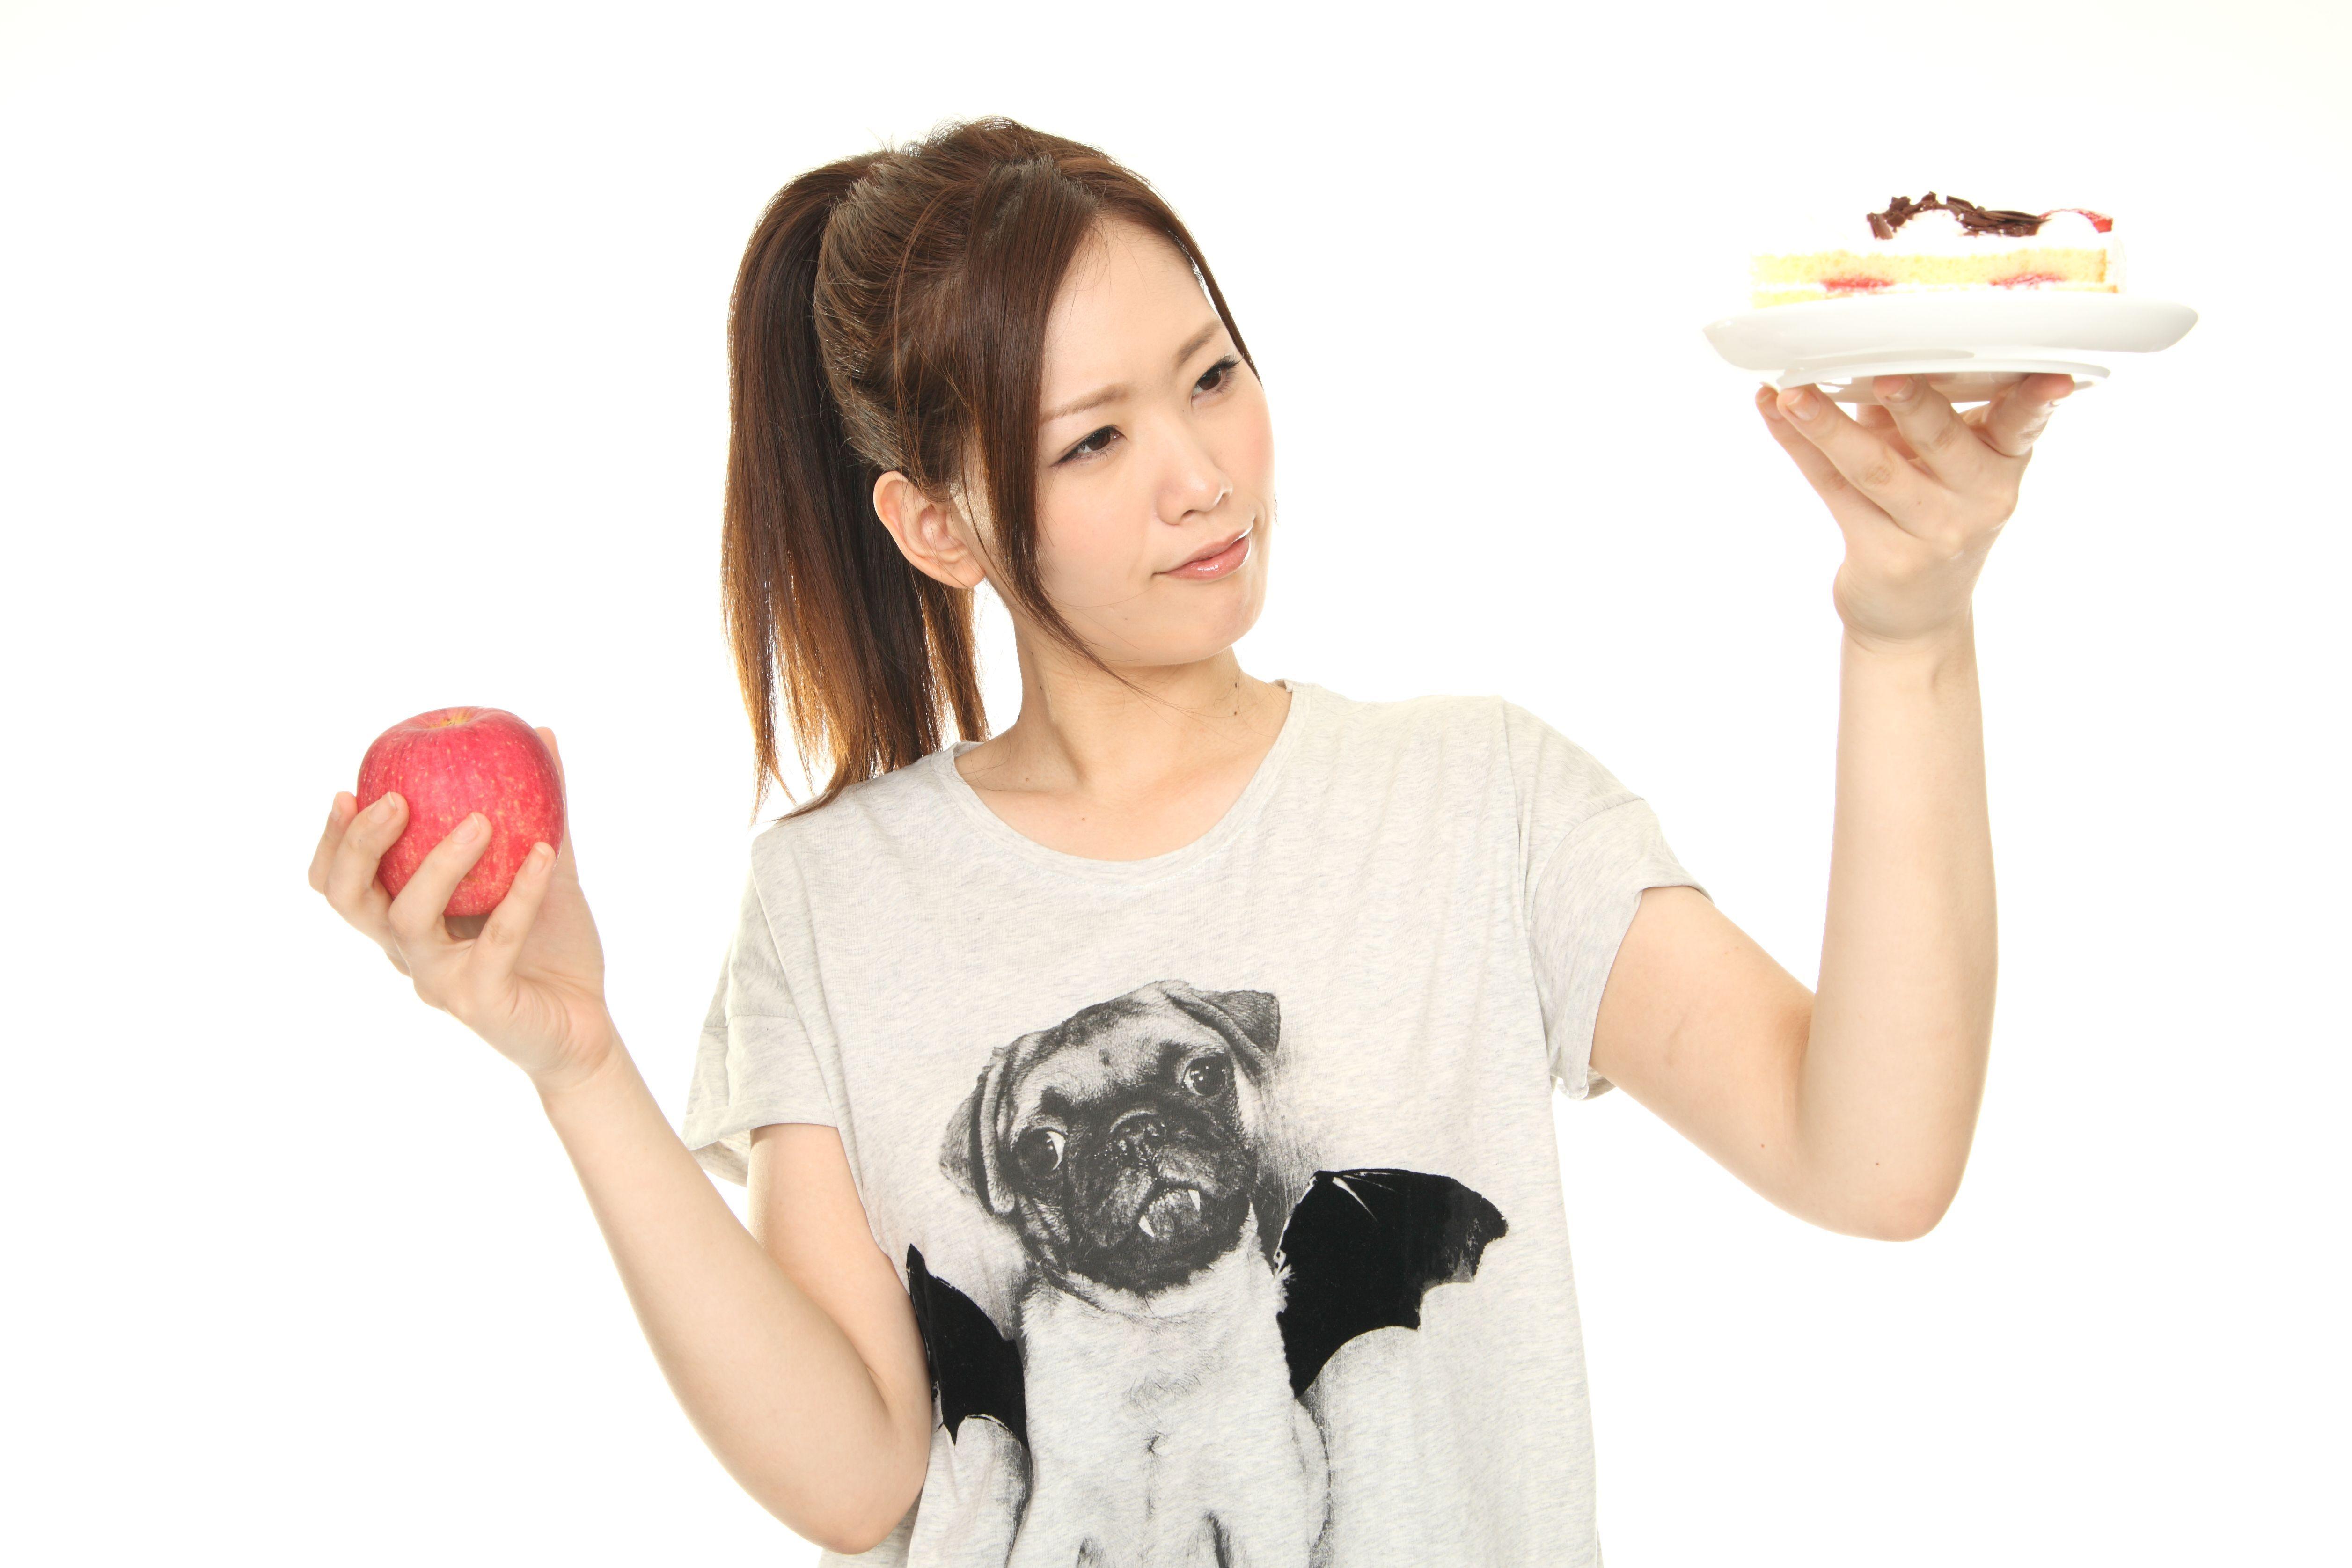 太らないお菓子8選!コンビニでも買える低カロリーおやつ!